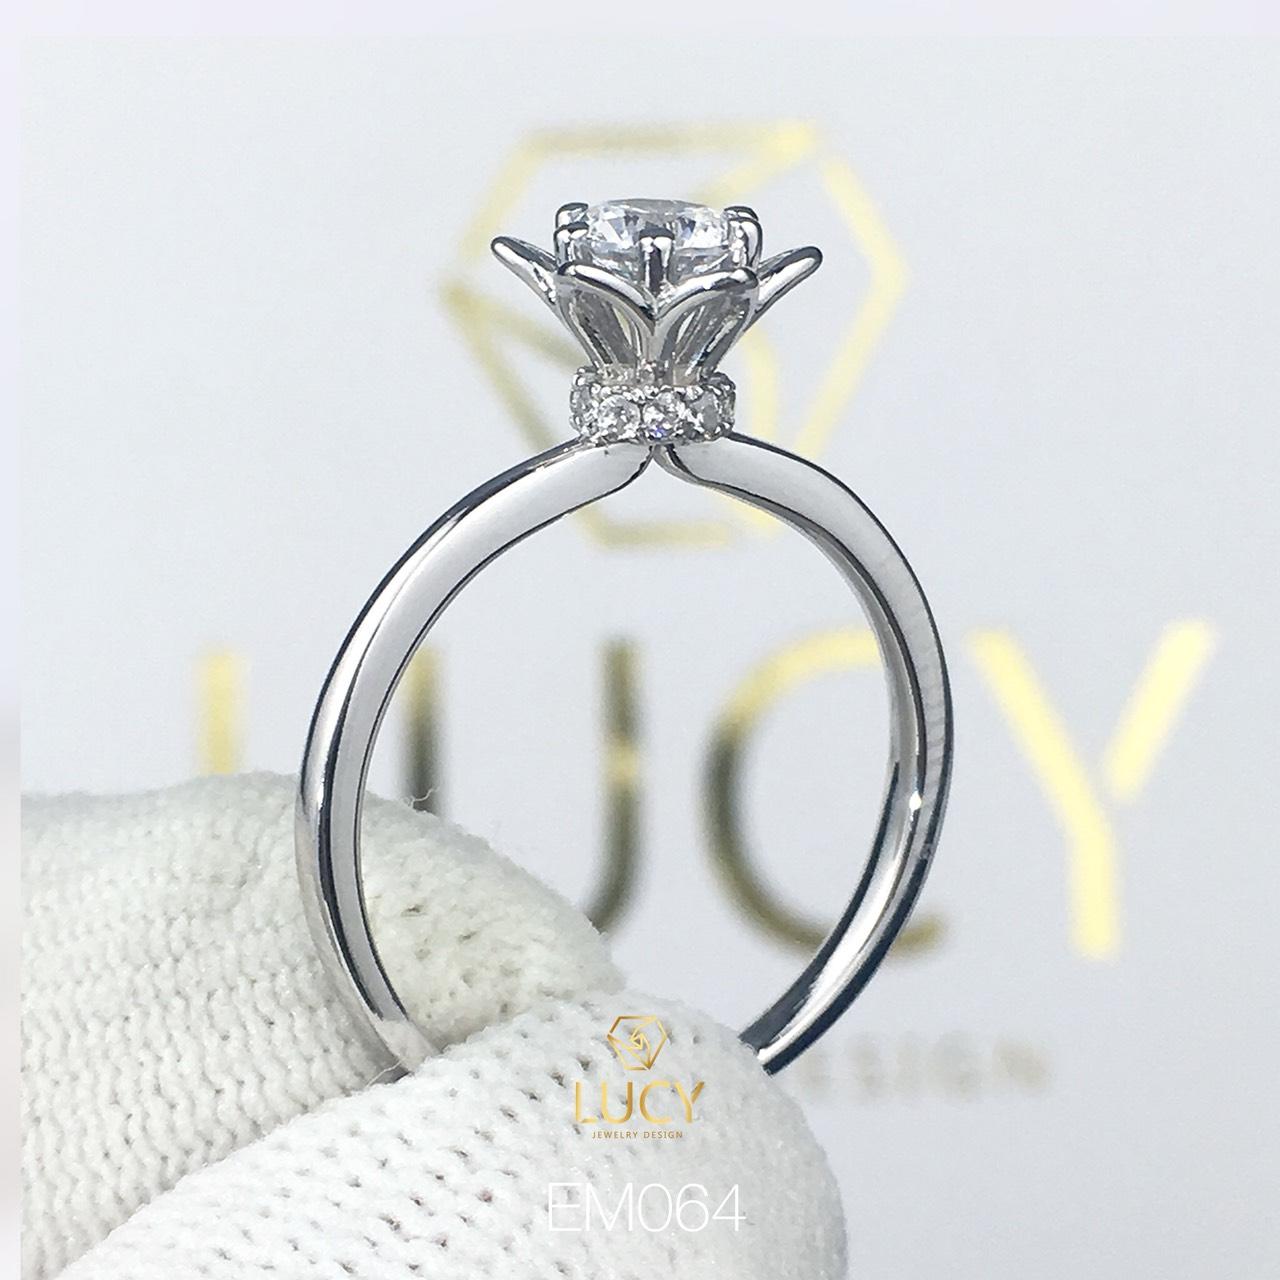 EM064 Nhẫn nữ vàng, nhẫn ổ kim cương 4.5mm, nhẫn nữ thiết kế, nhẫn cầu hôn, nhẫn đính hôn - Lucy Jewelry